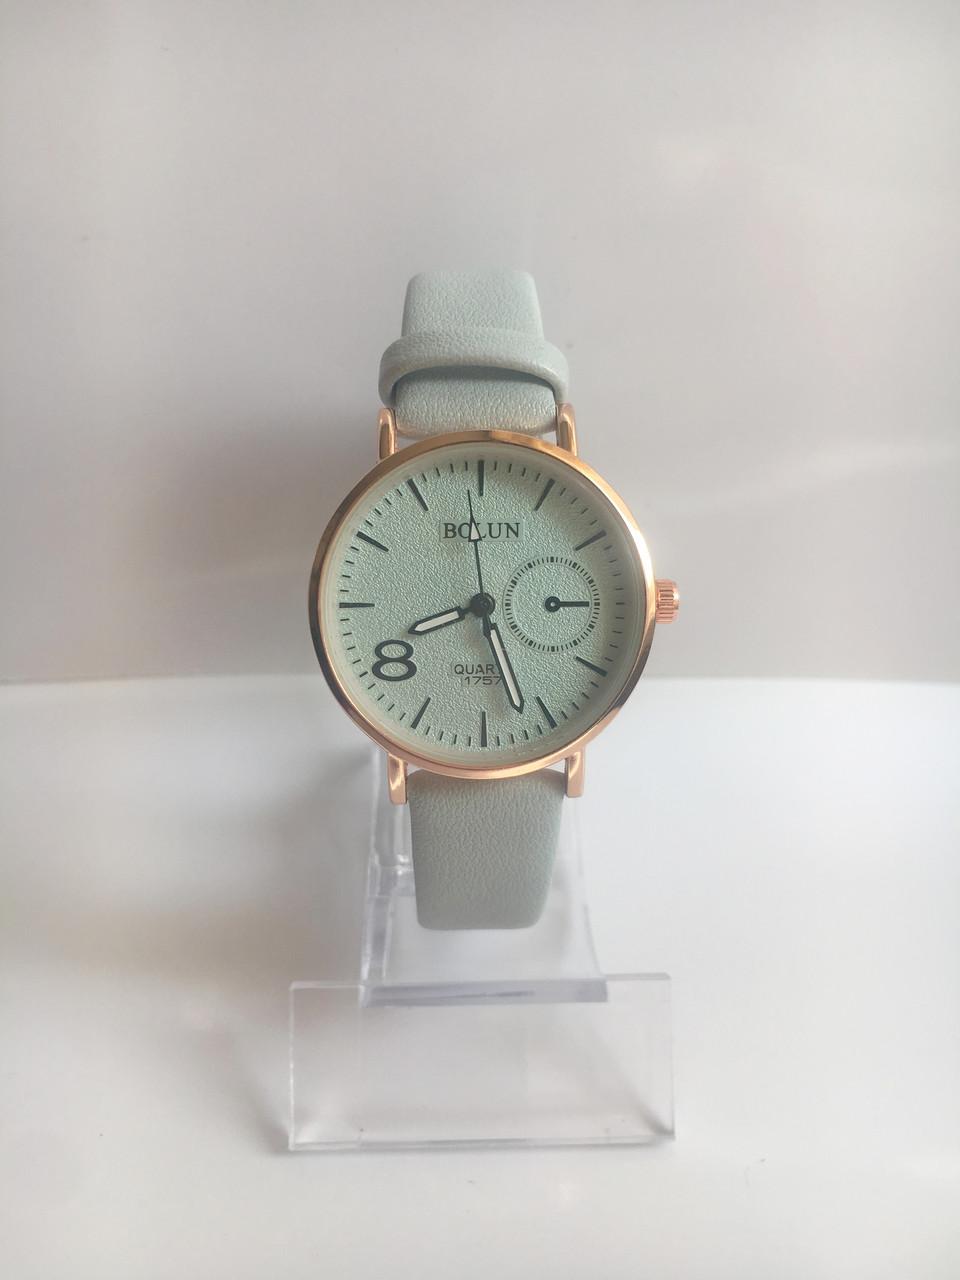 Женские наручные часы Bolun (Болун), золотисто-голубой цвет ( код: IBW218YL )